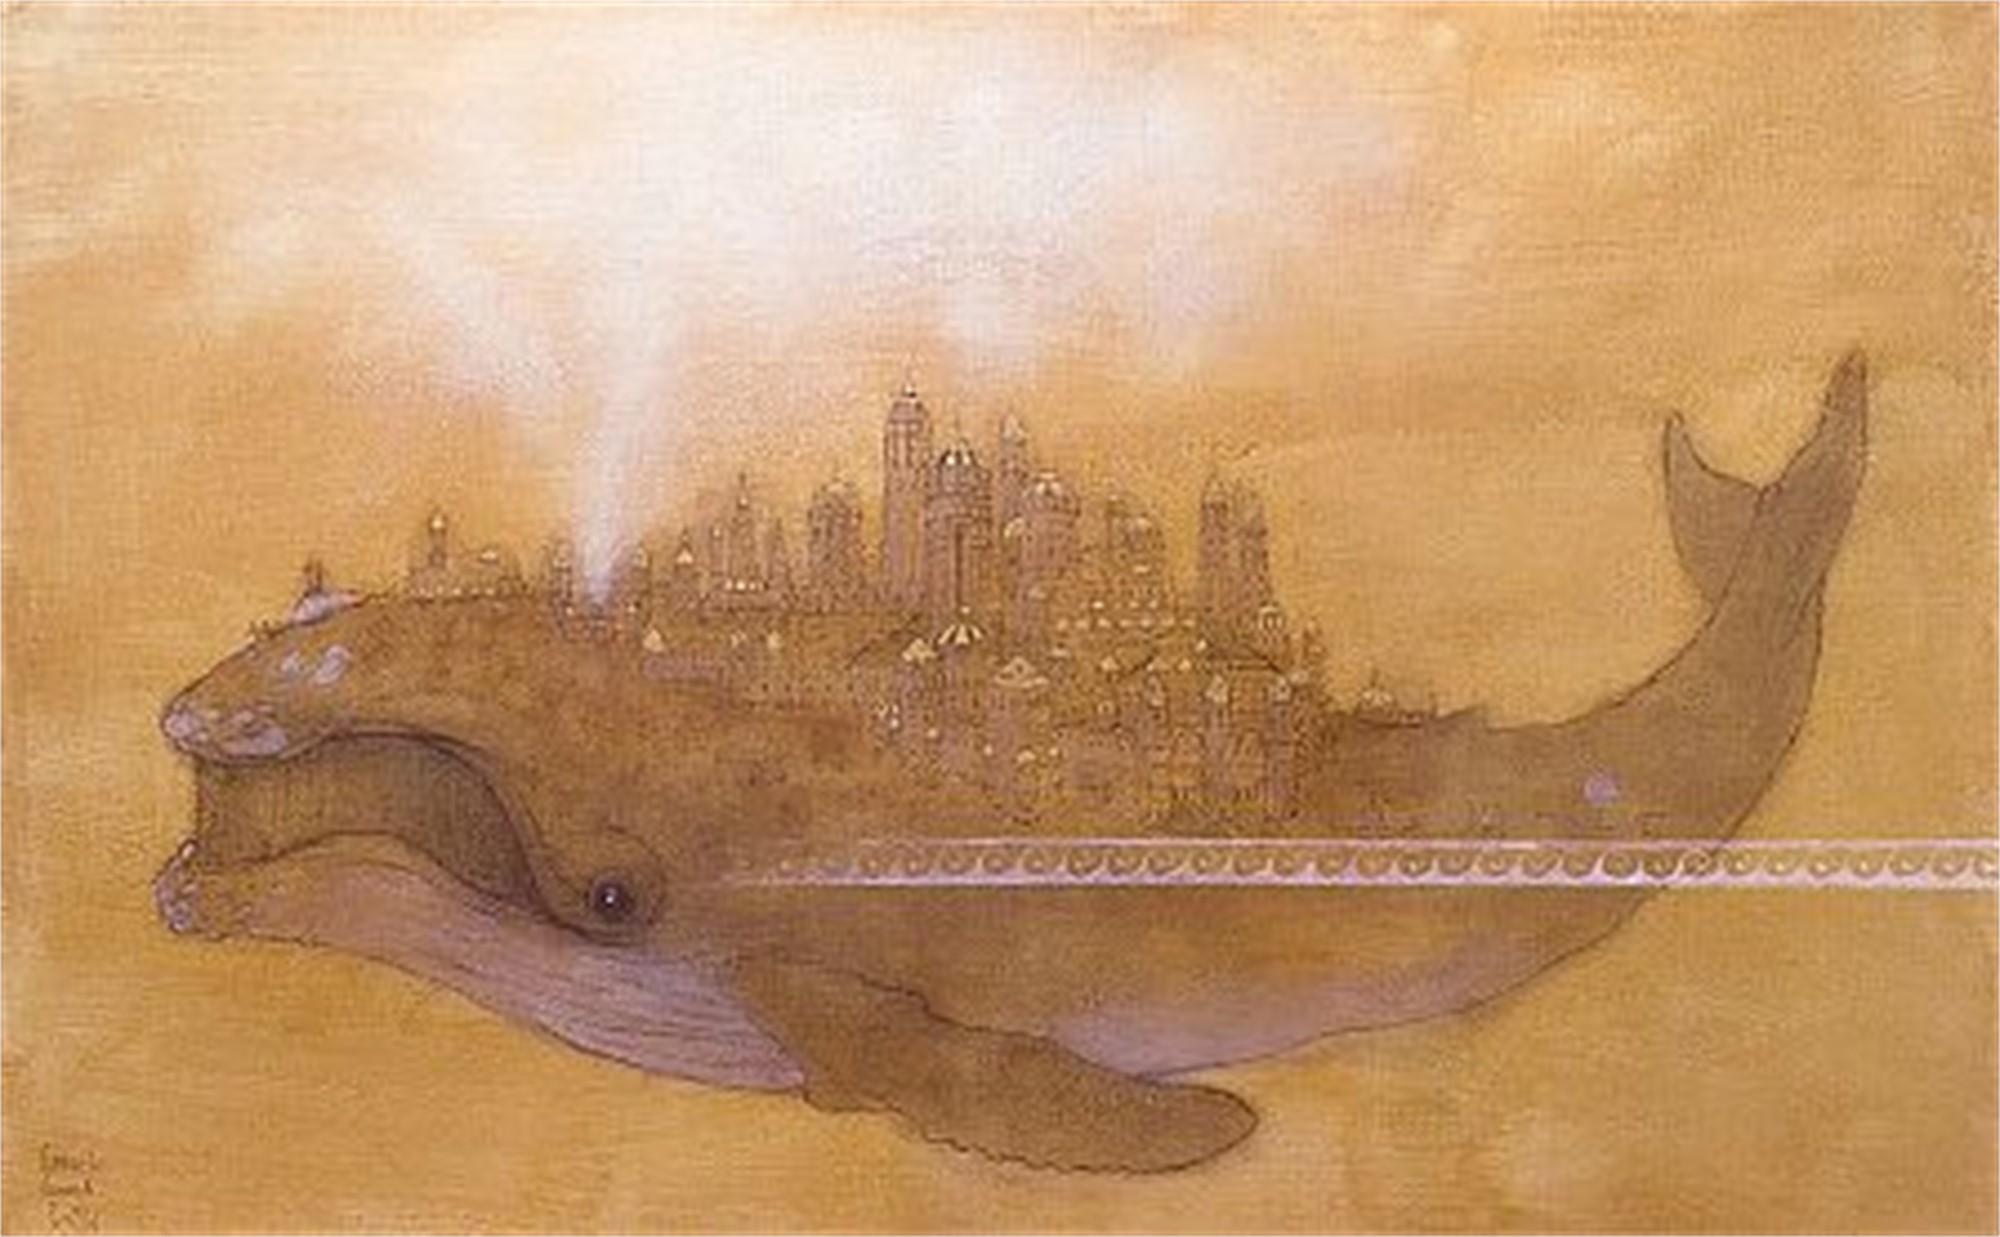 CG020 Mythical Whale by Carlos Gomila